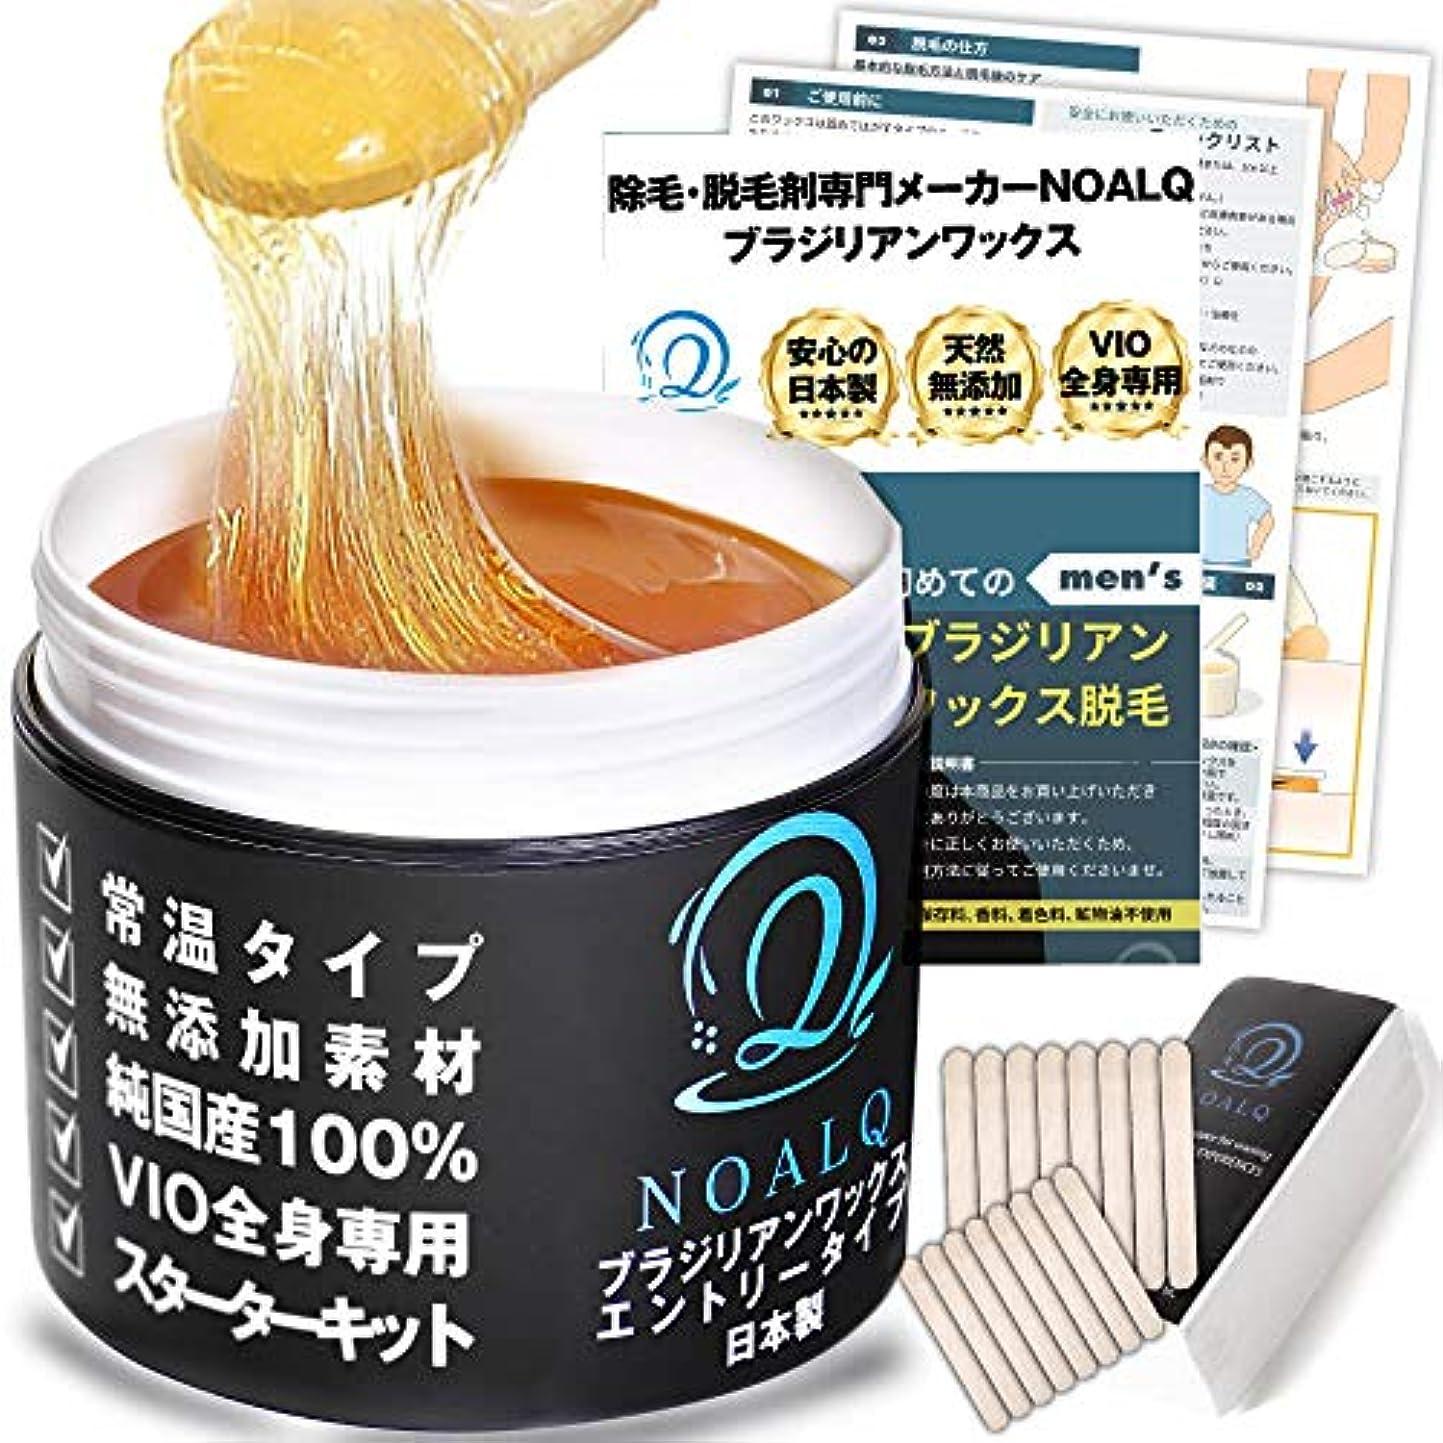 触覚アマゾンジャングル必要ないNOALQ(ノアルク) ブラジリアンワックス エントリータイプ 天然無添加素材 純国産100% VIO 全身脱毛専用 スターターキット